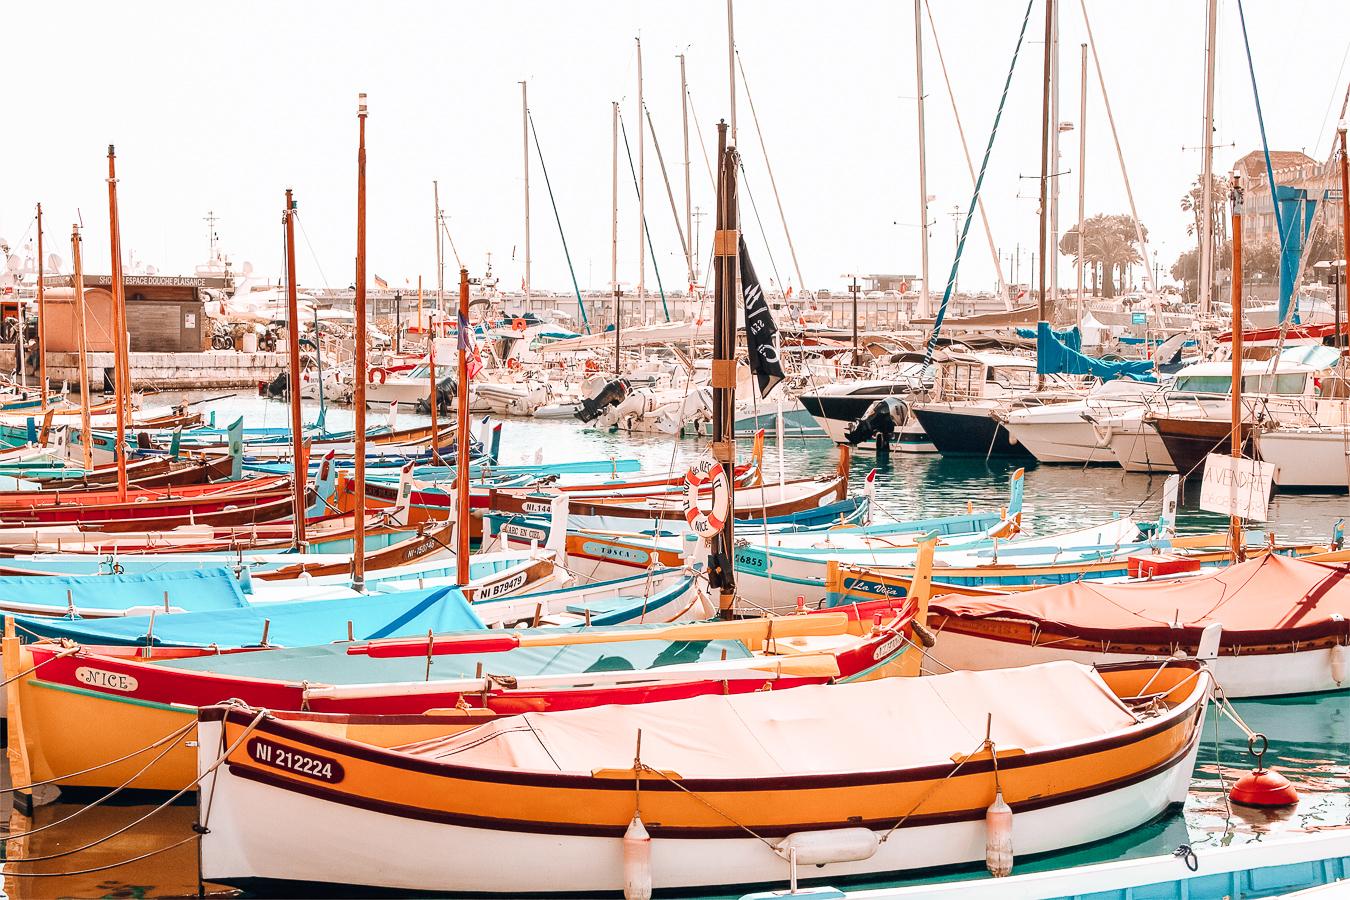 Beautiful boats in Nice